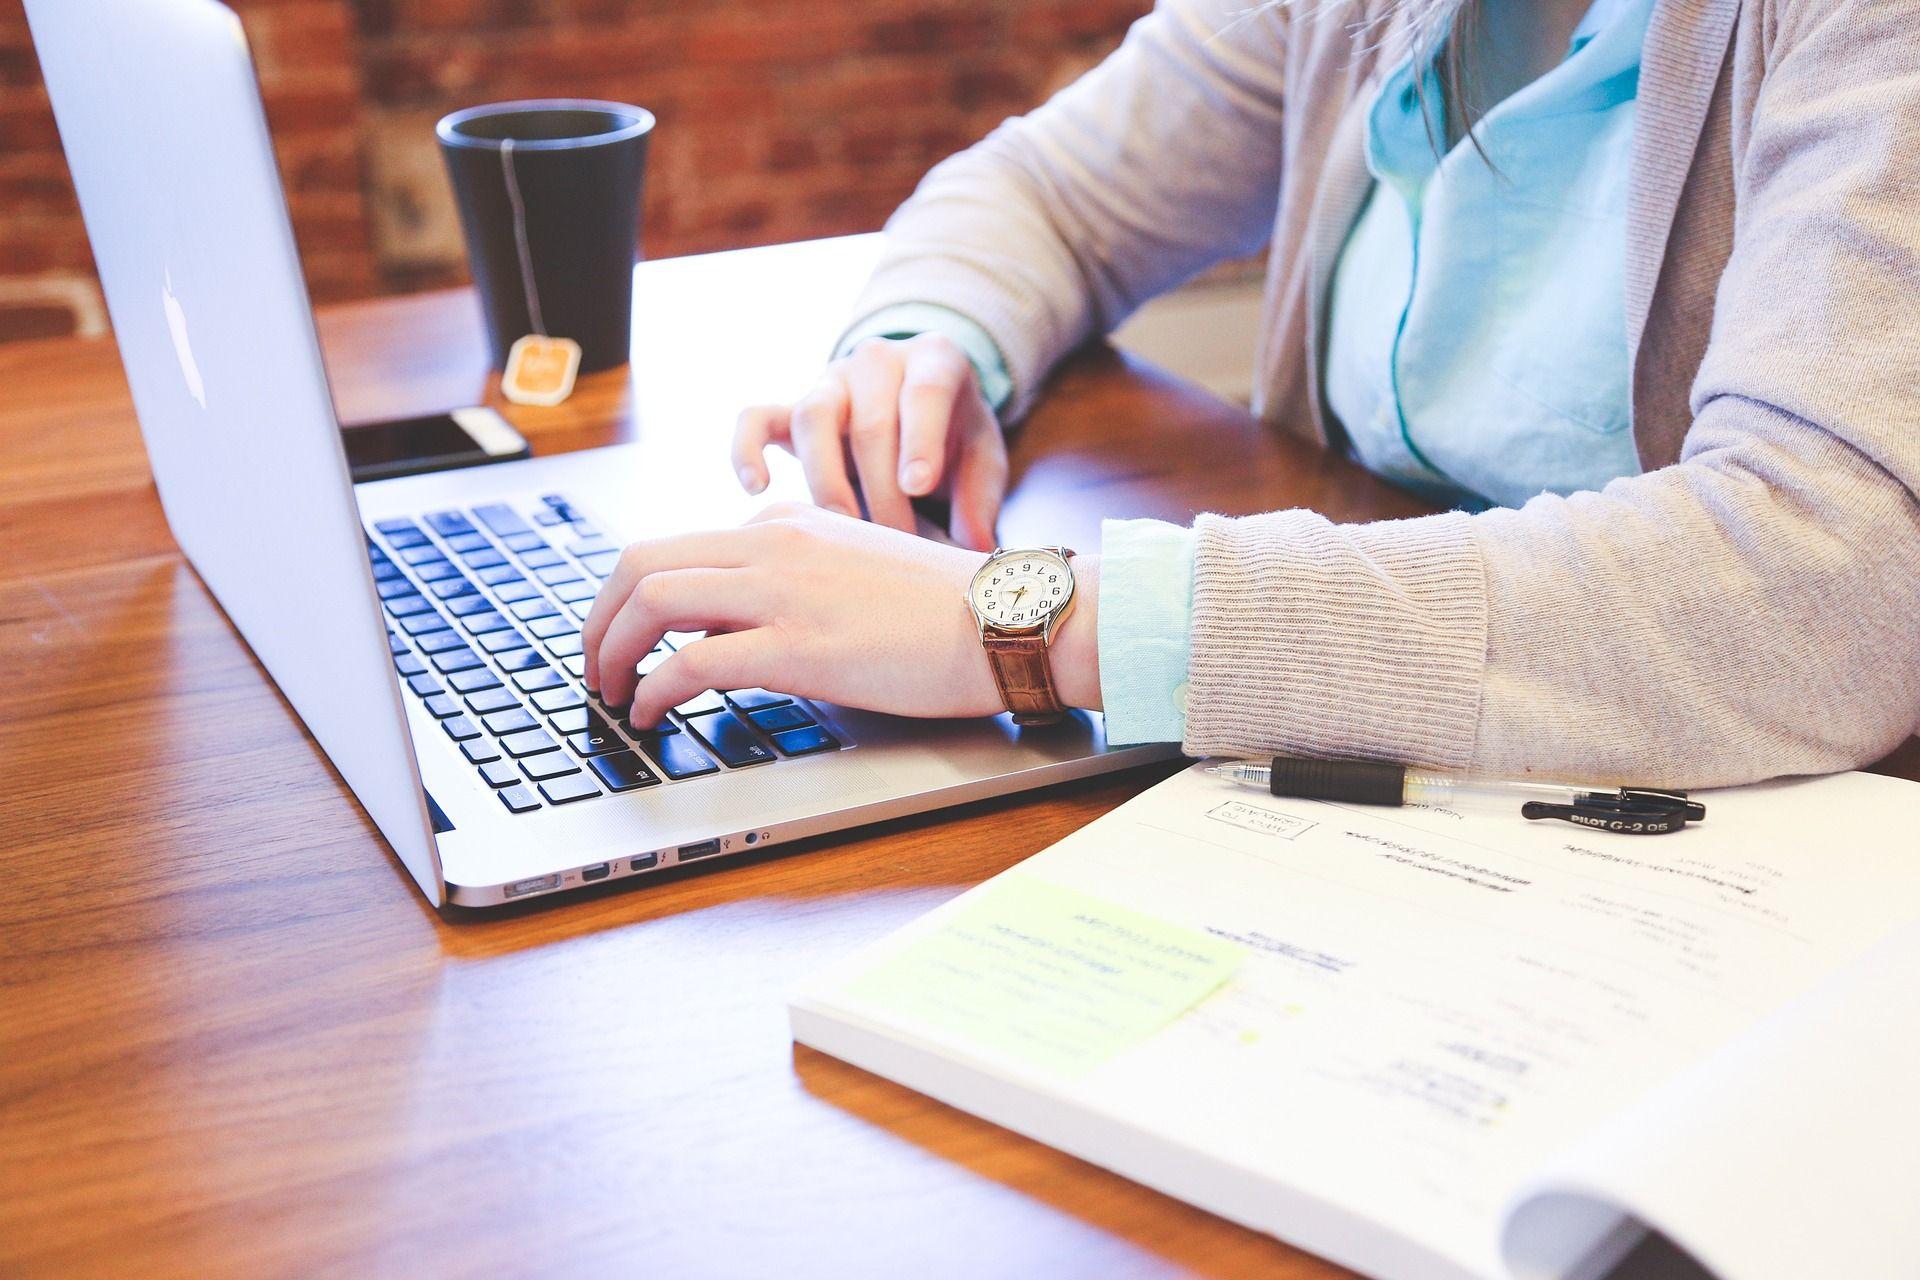 Gmina Kluczbork chce wspierać i prezentować przedsiębiorców przez grupę na portalu społecznościowym